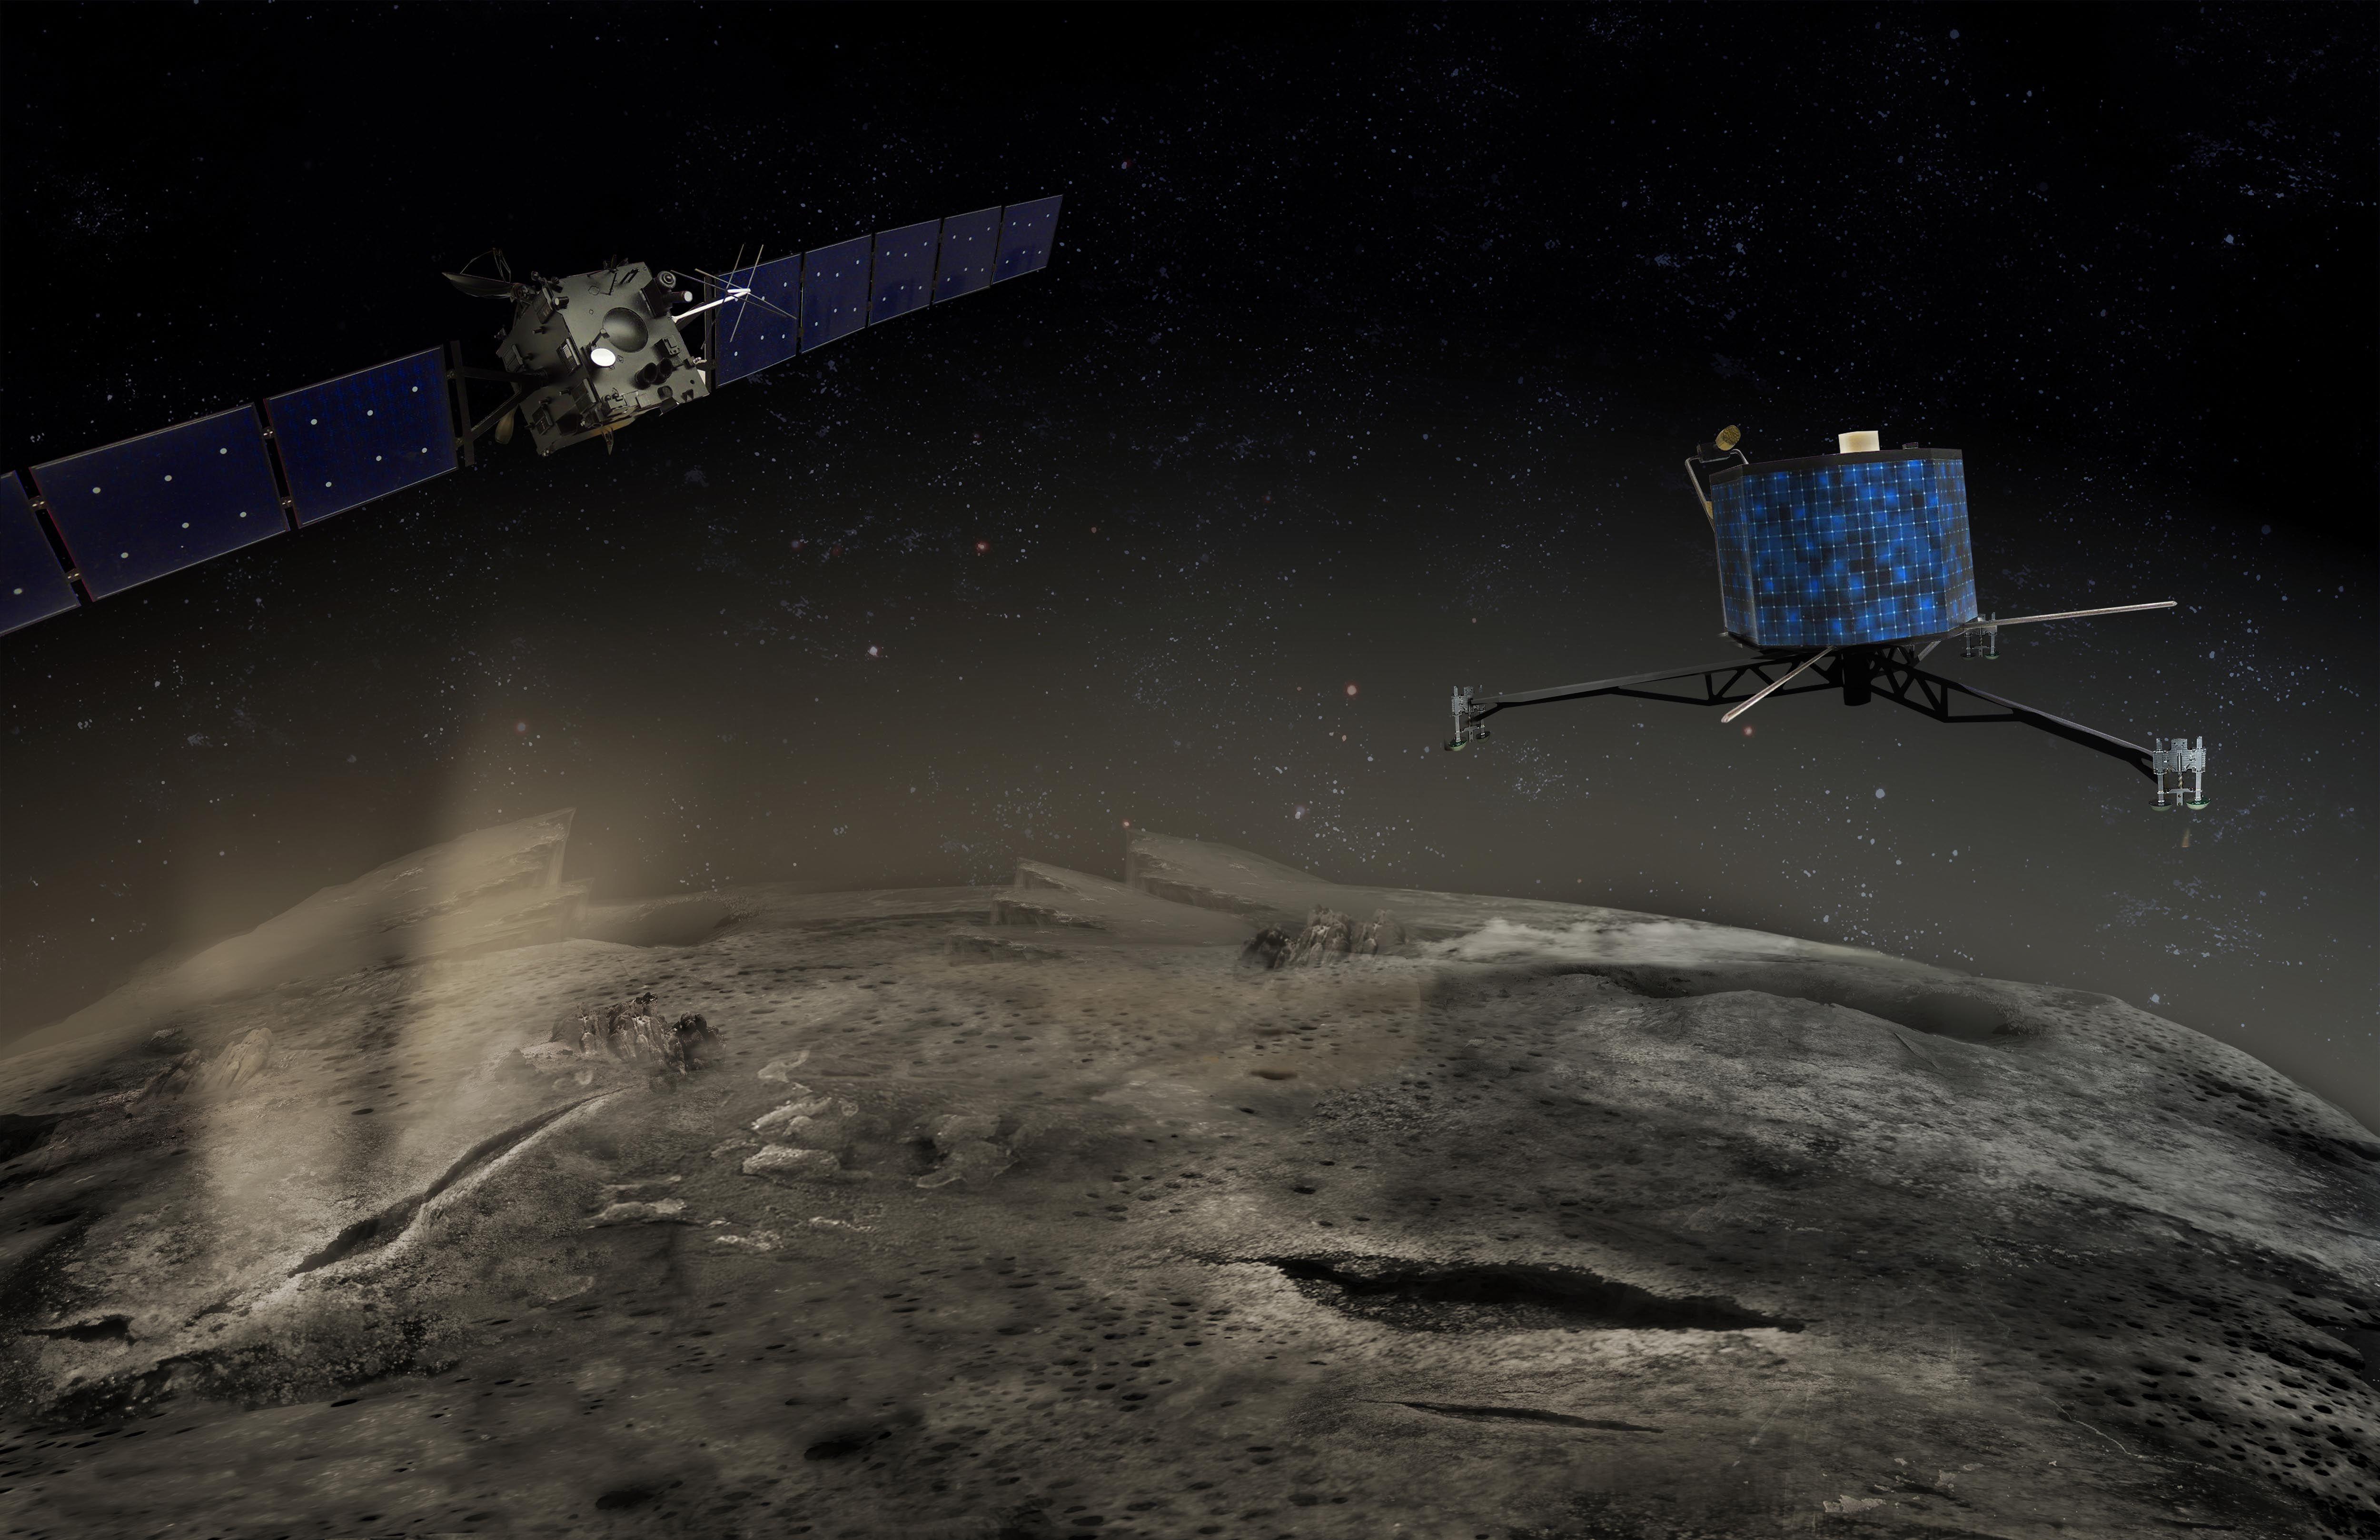 La Misión Rosetta se comunica con la Tierra a través de la Argentina